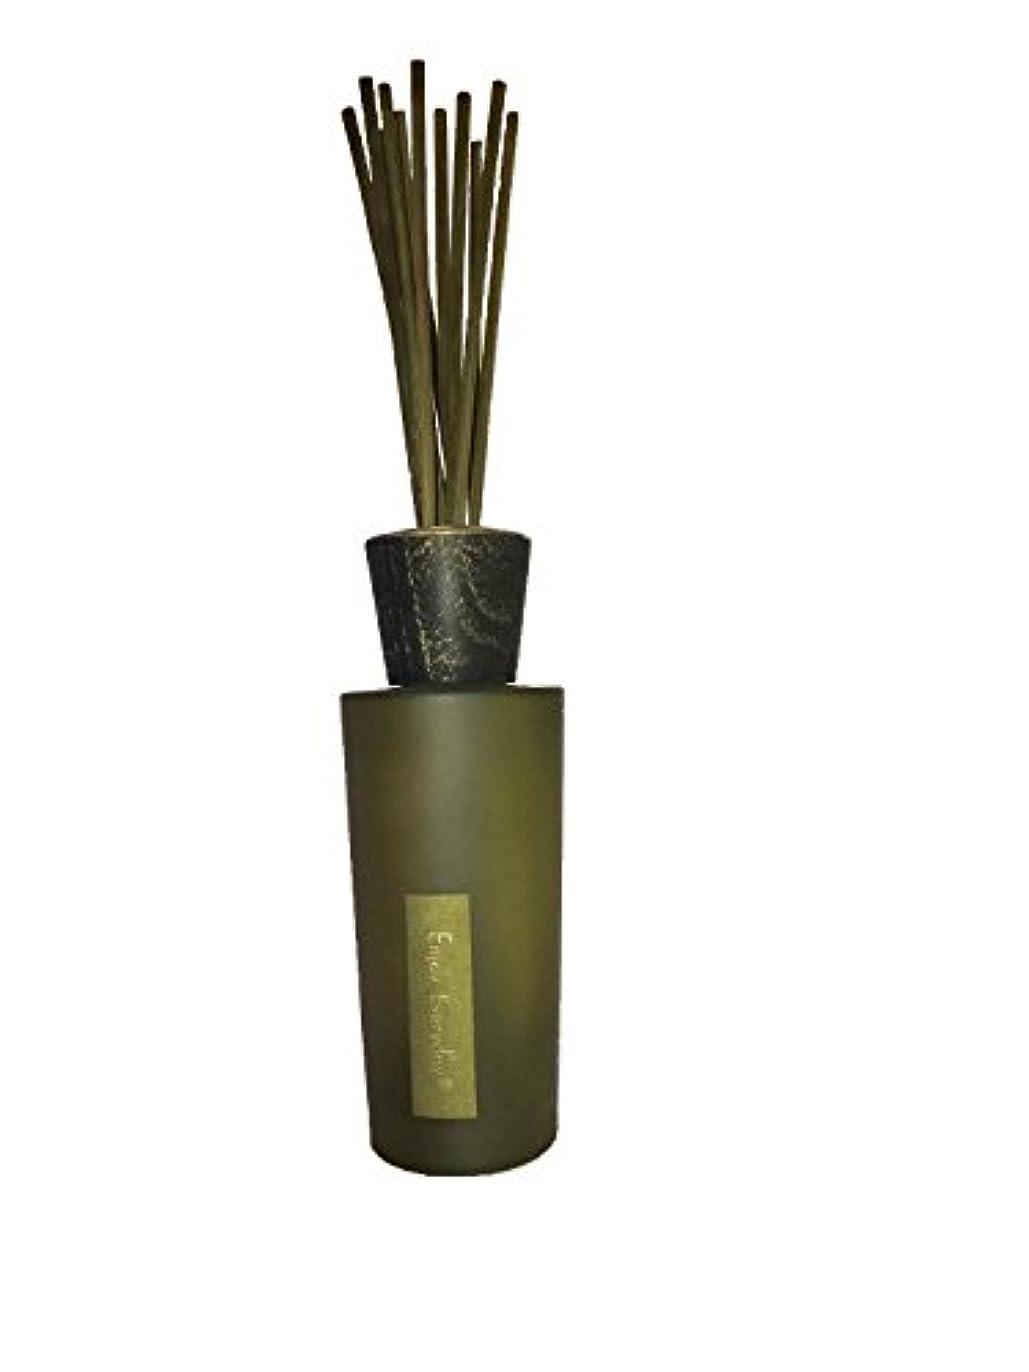 心から極端な透けて見える40%OFF!【Branch of Aroma】100%天然アロマスティックディフューザー-9種の香り- (200ml) (ラグジュアリーRose)